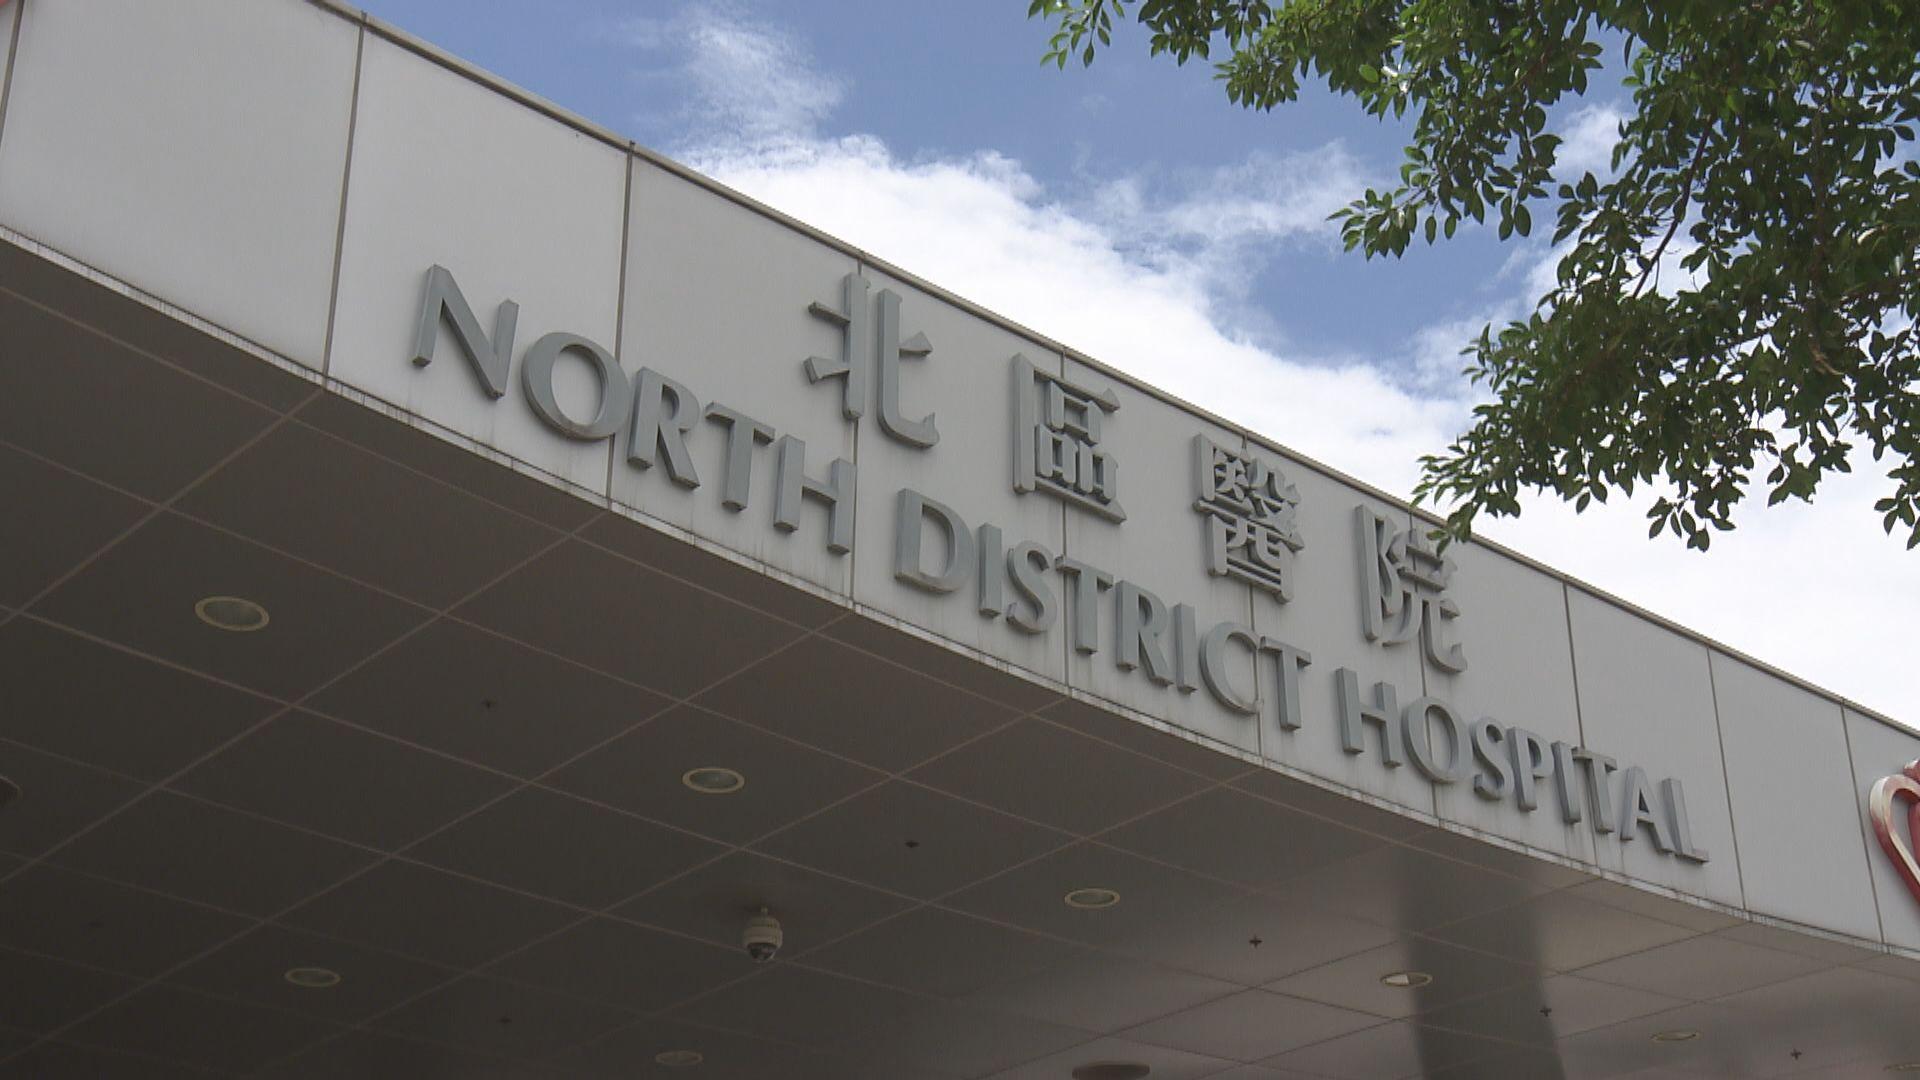 北區醫院深切治療部醫生初步確診 曾照顧確診病人